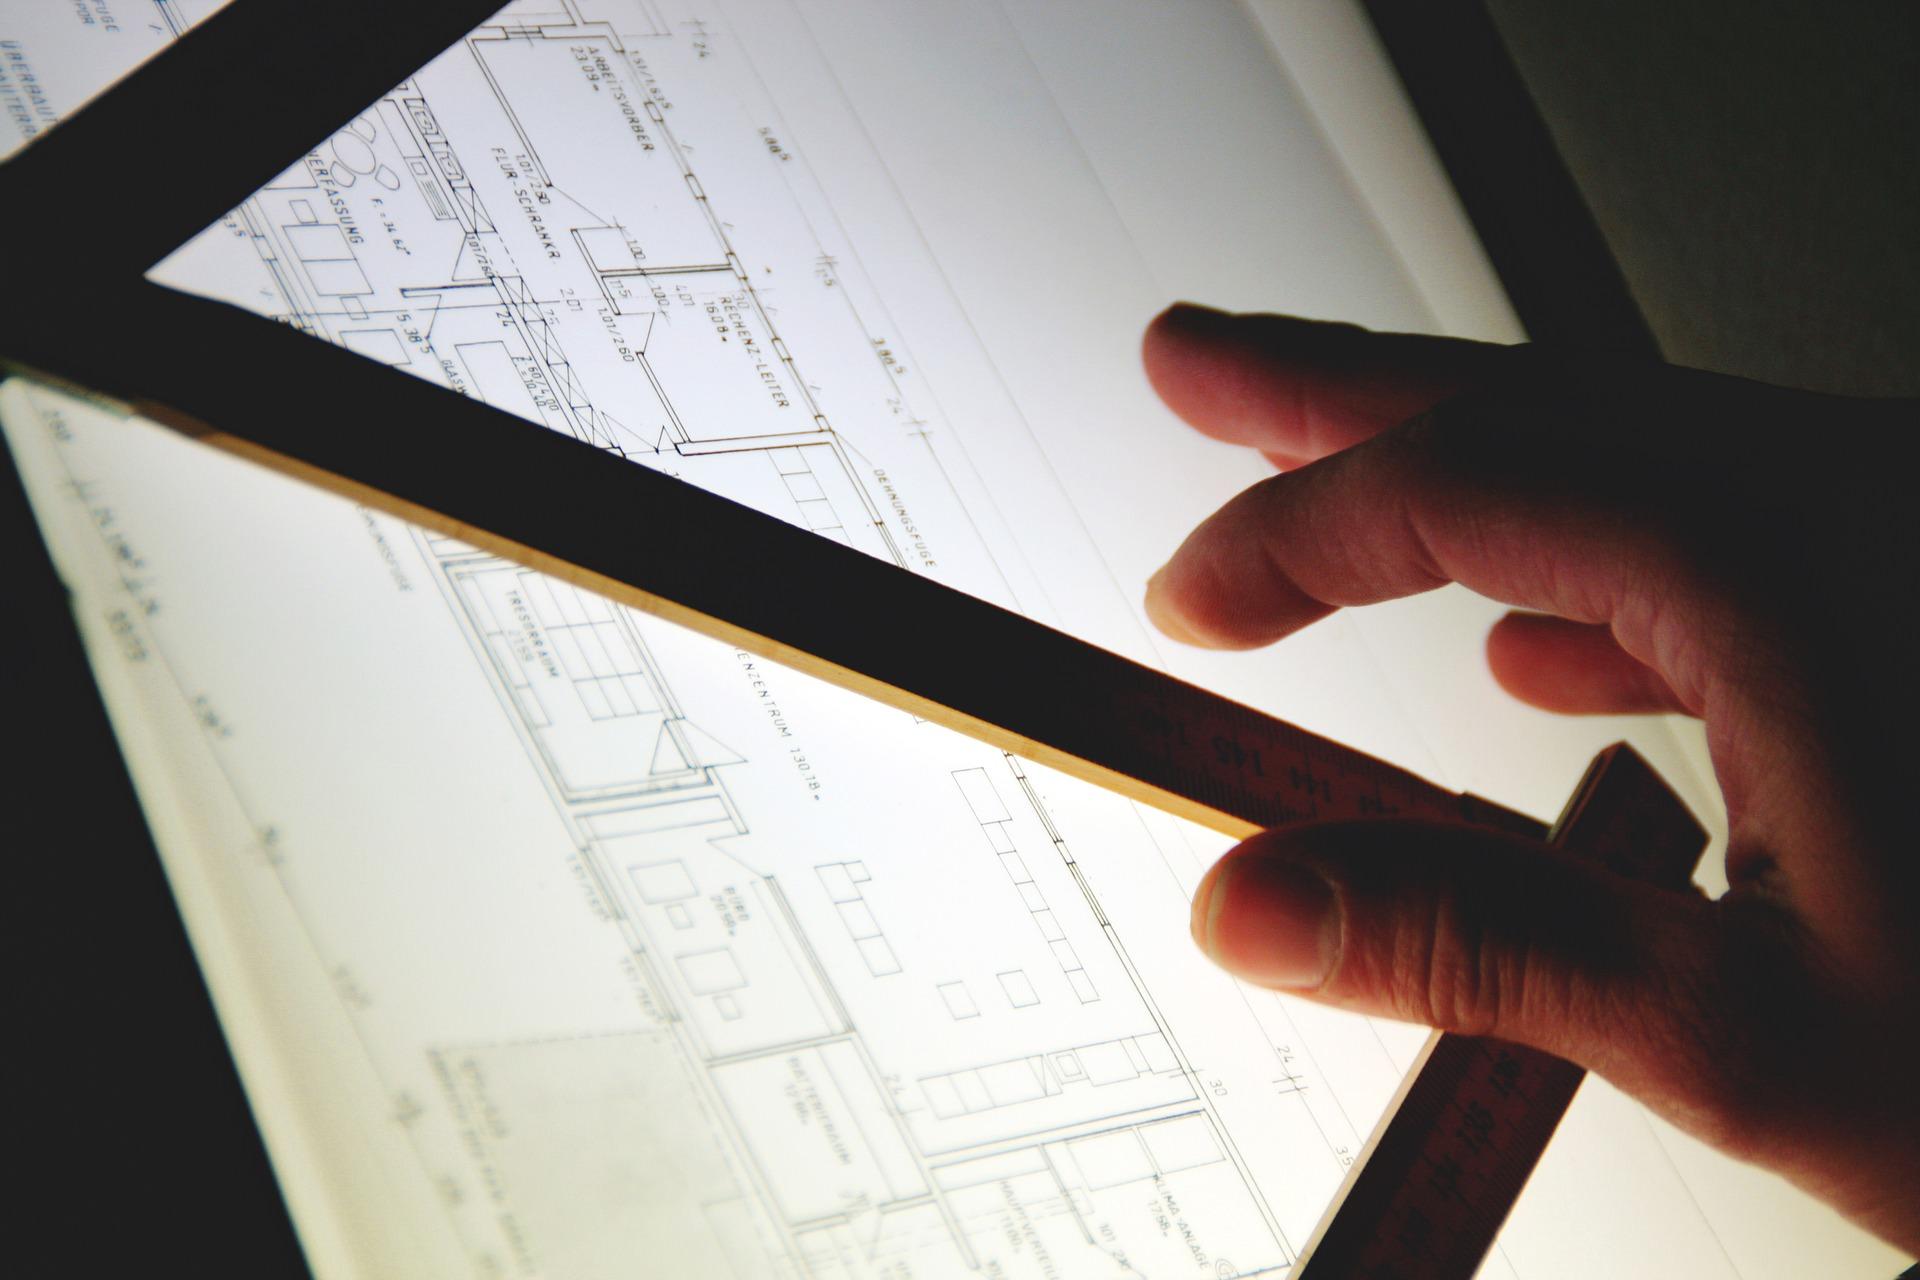 一級建築士の仕事内容を解説【種類があるし、仕事の幅は広い】